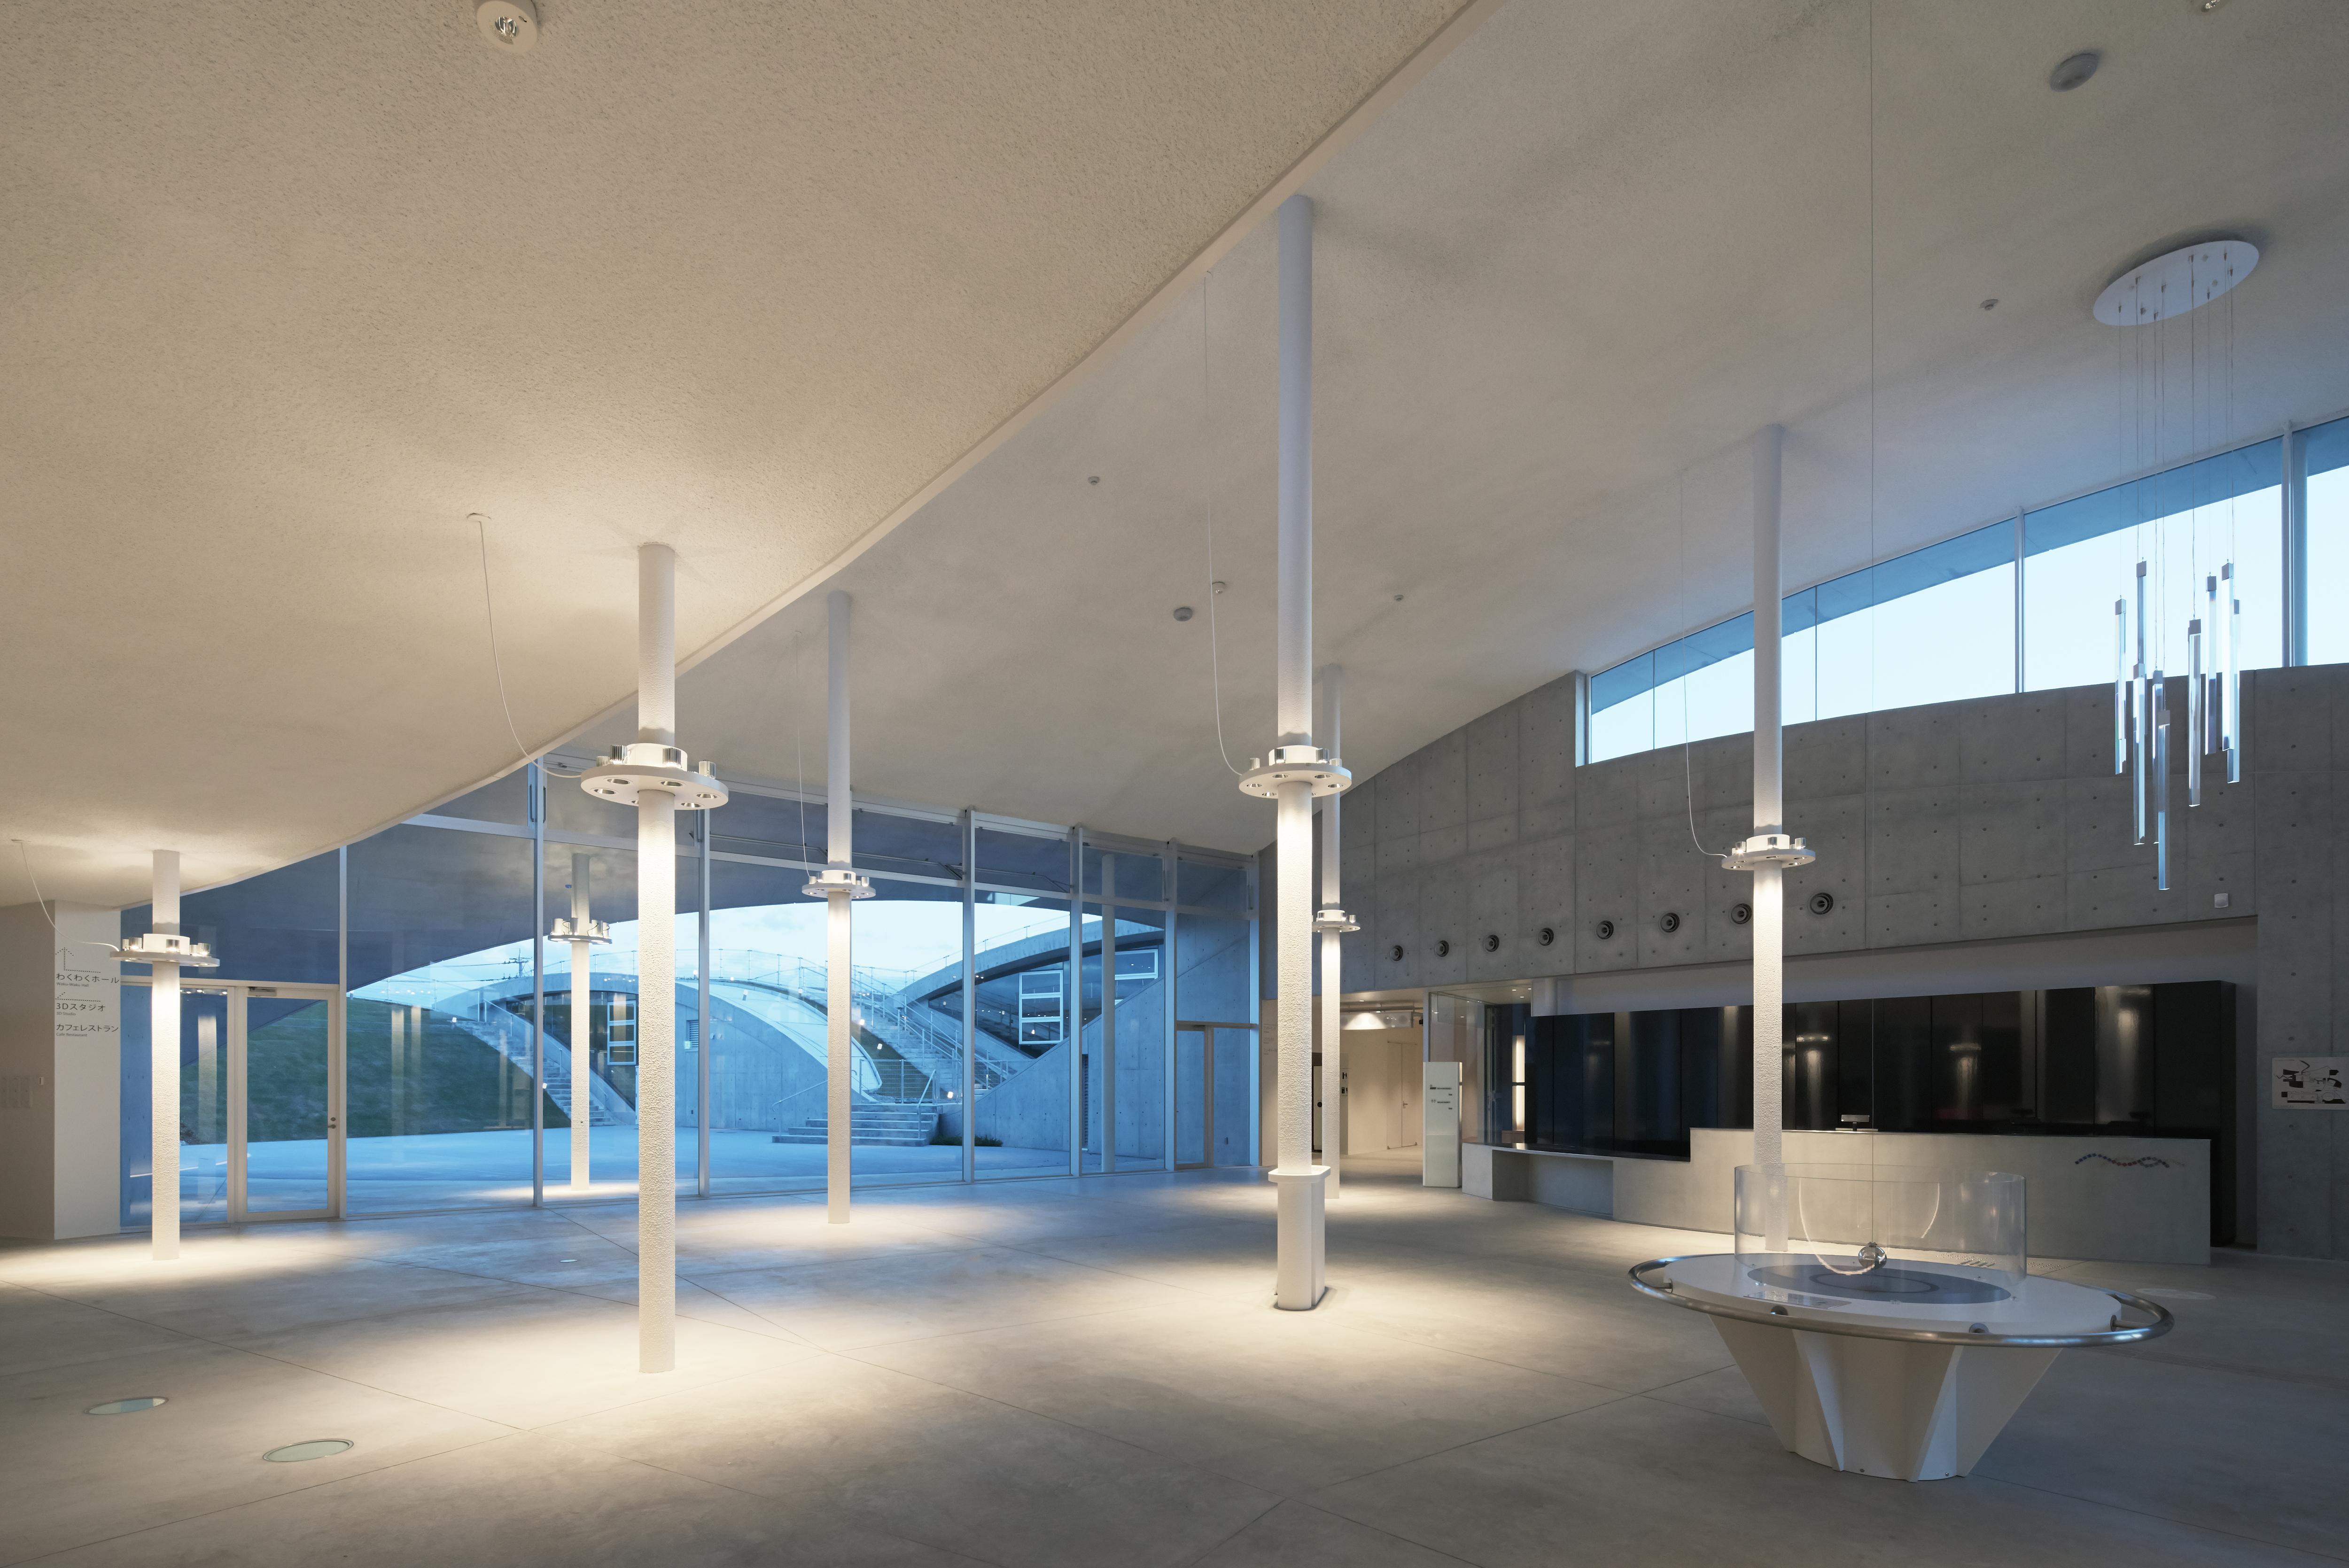 〔안정원의 건축 칼럼〕 경관과 통합하는 풍경화된 건축의 역동적이면서 실험적인 디자인 3